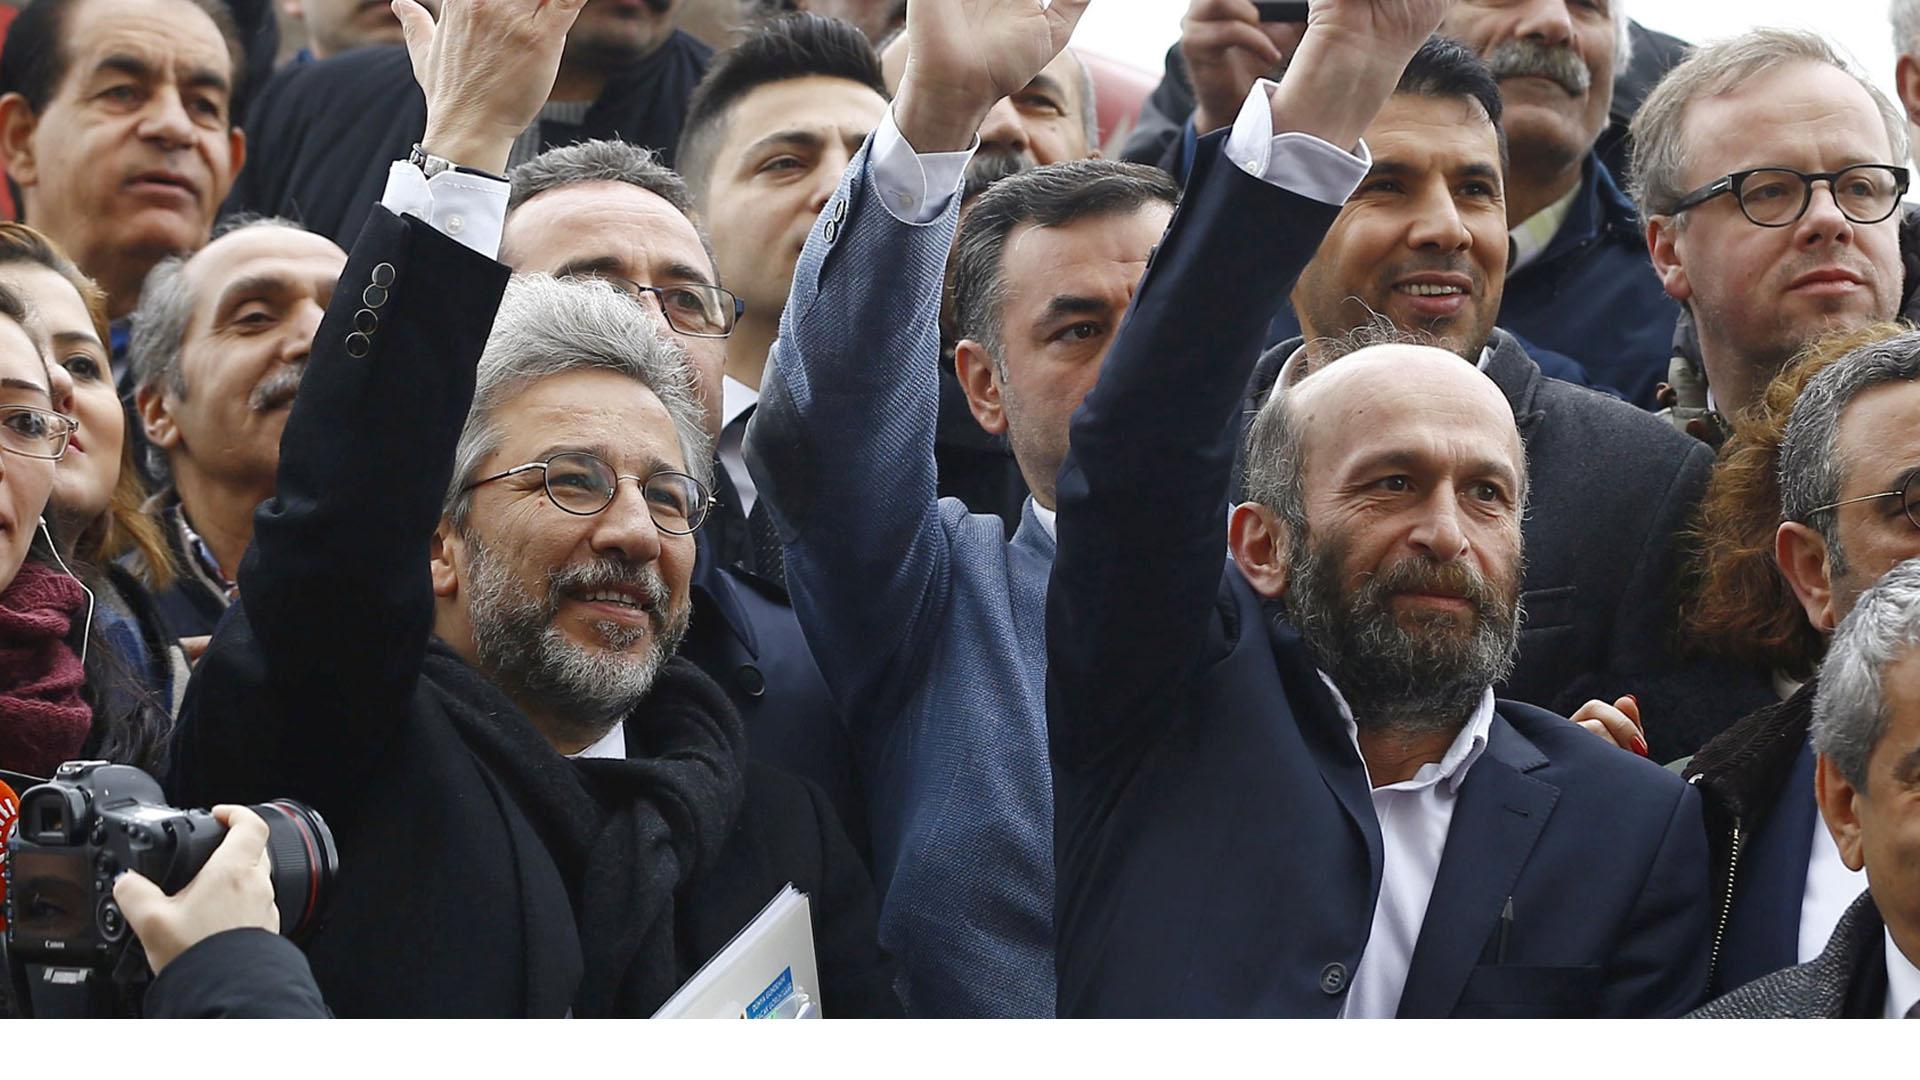 Los comunicadores son acusados de espionaje luego de informar del supuesto envío de armas de Turquía a Siria